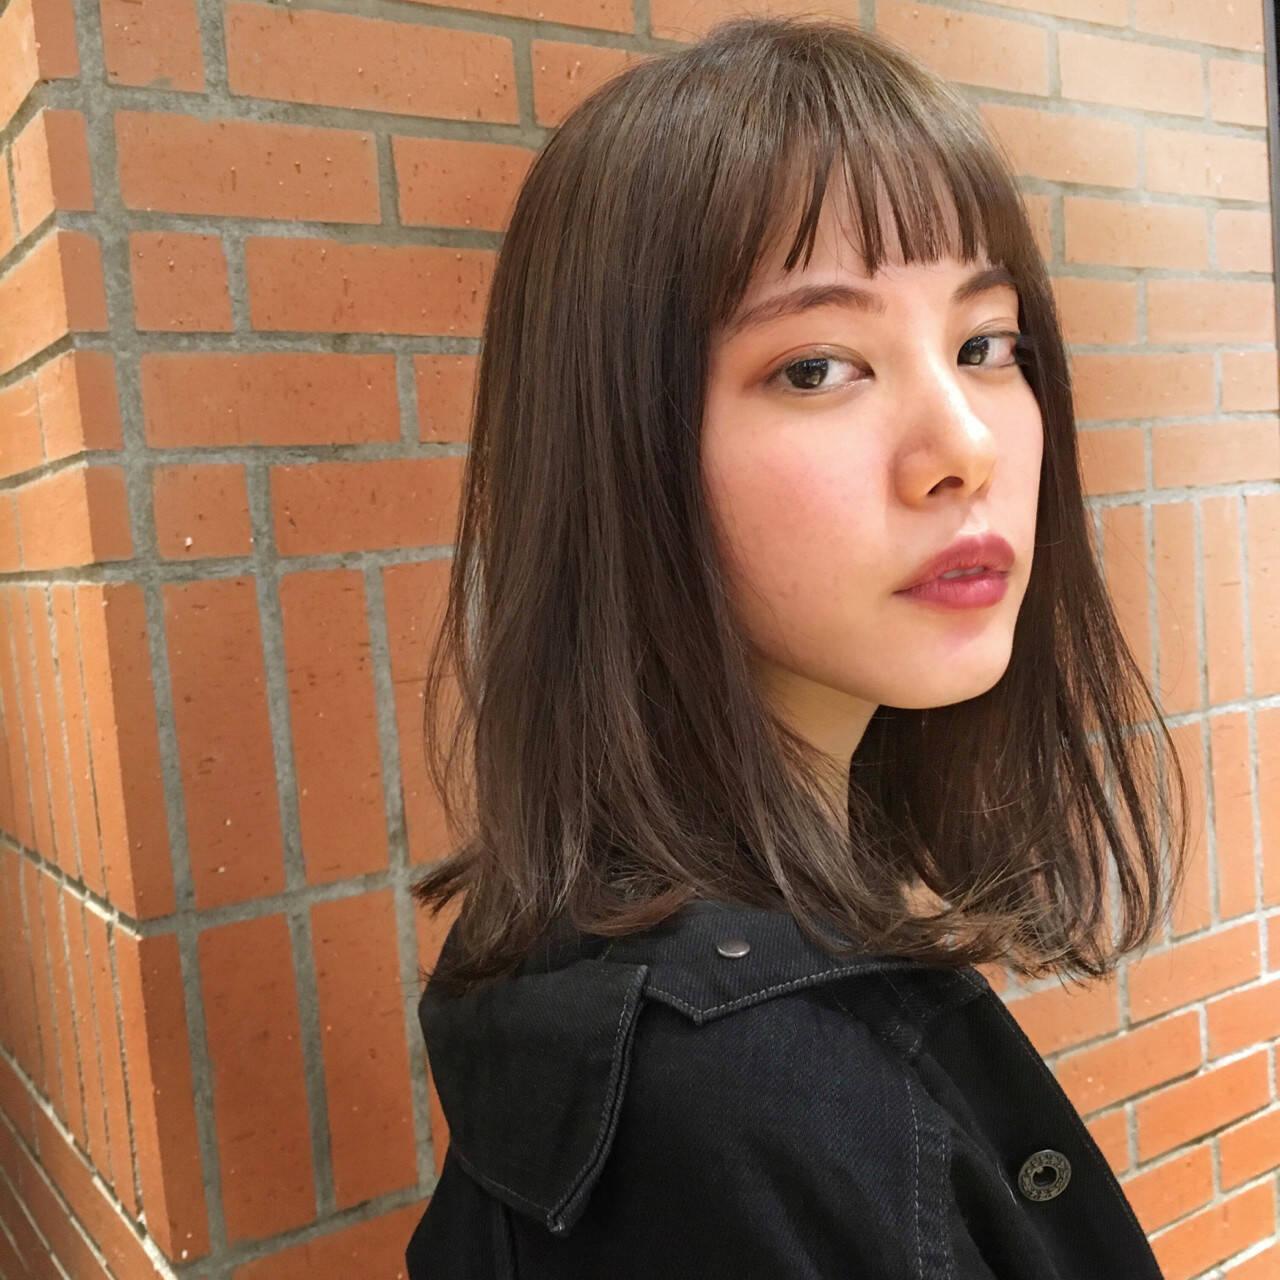 ストレート 黒髪 暗髪 ミディアムヘアスタイルや髪型の写真・画像